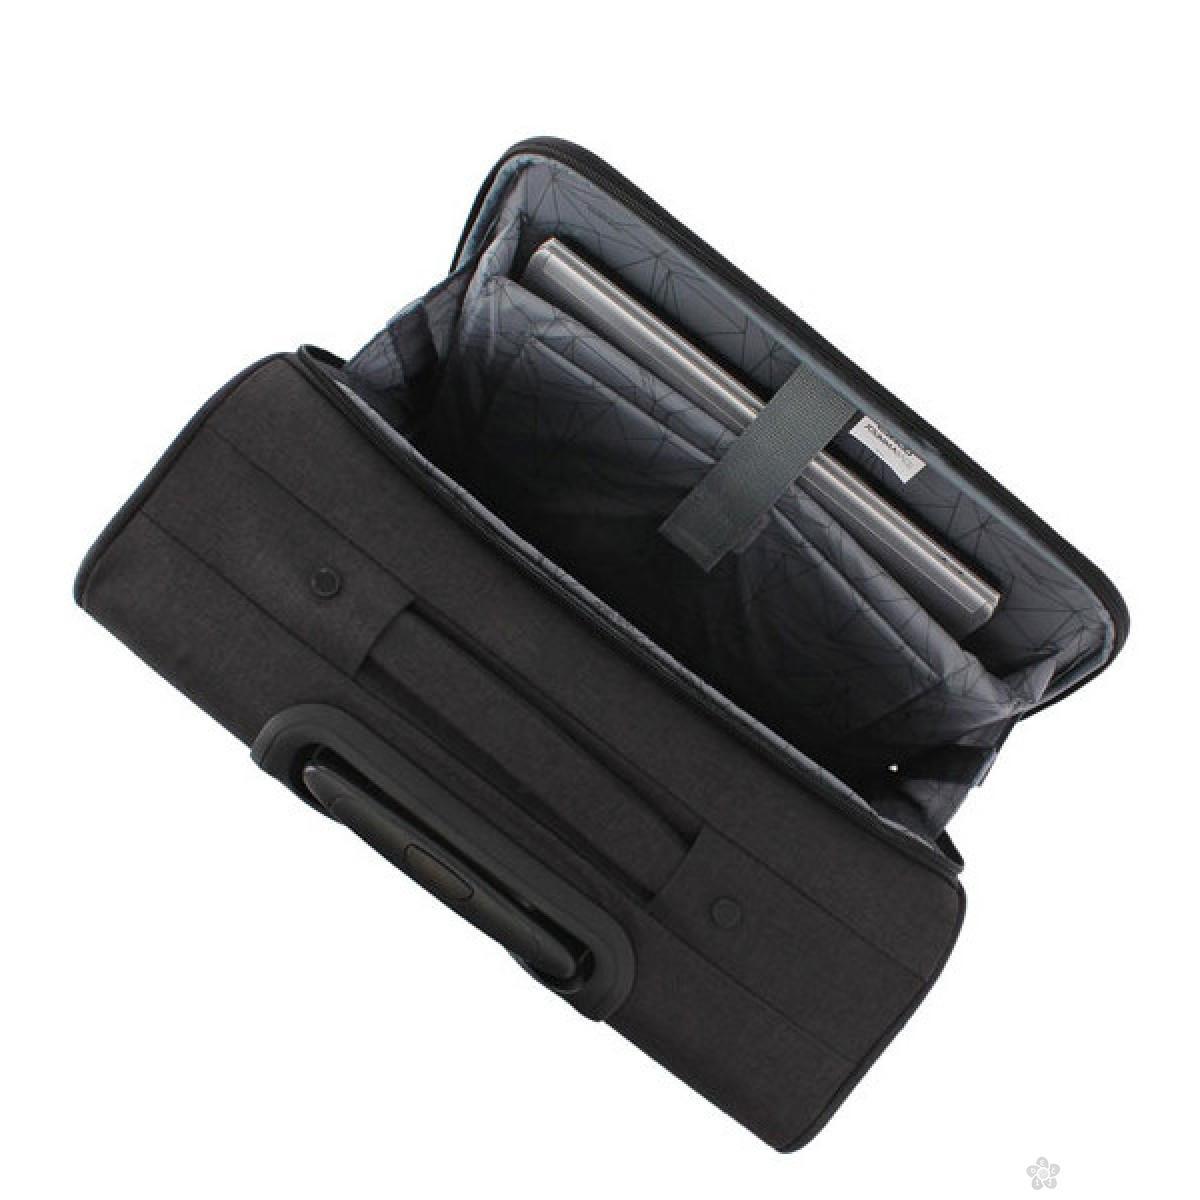 Kofer pilot za laptop Ottawa Movom crni, 52.964.61